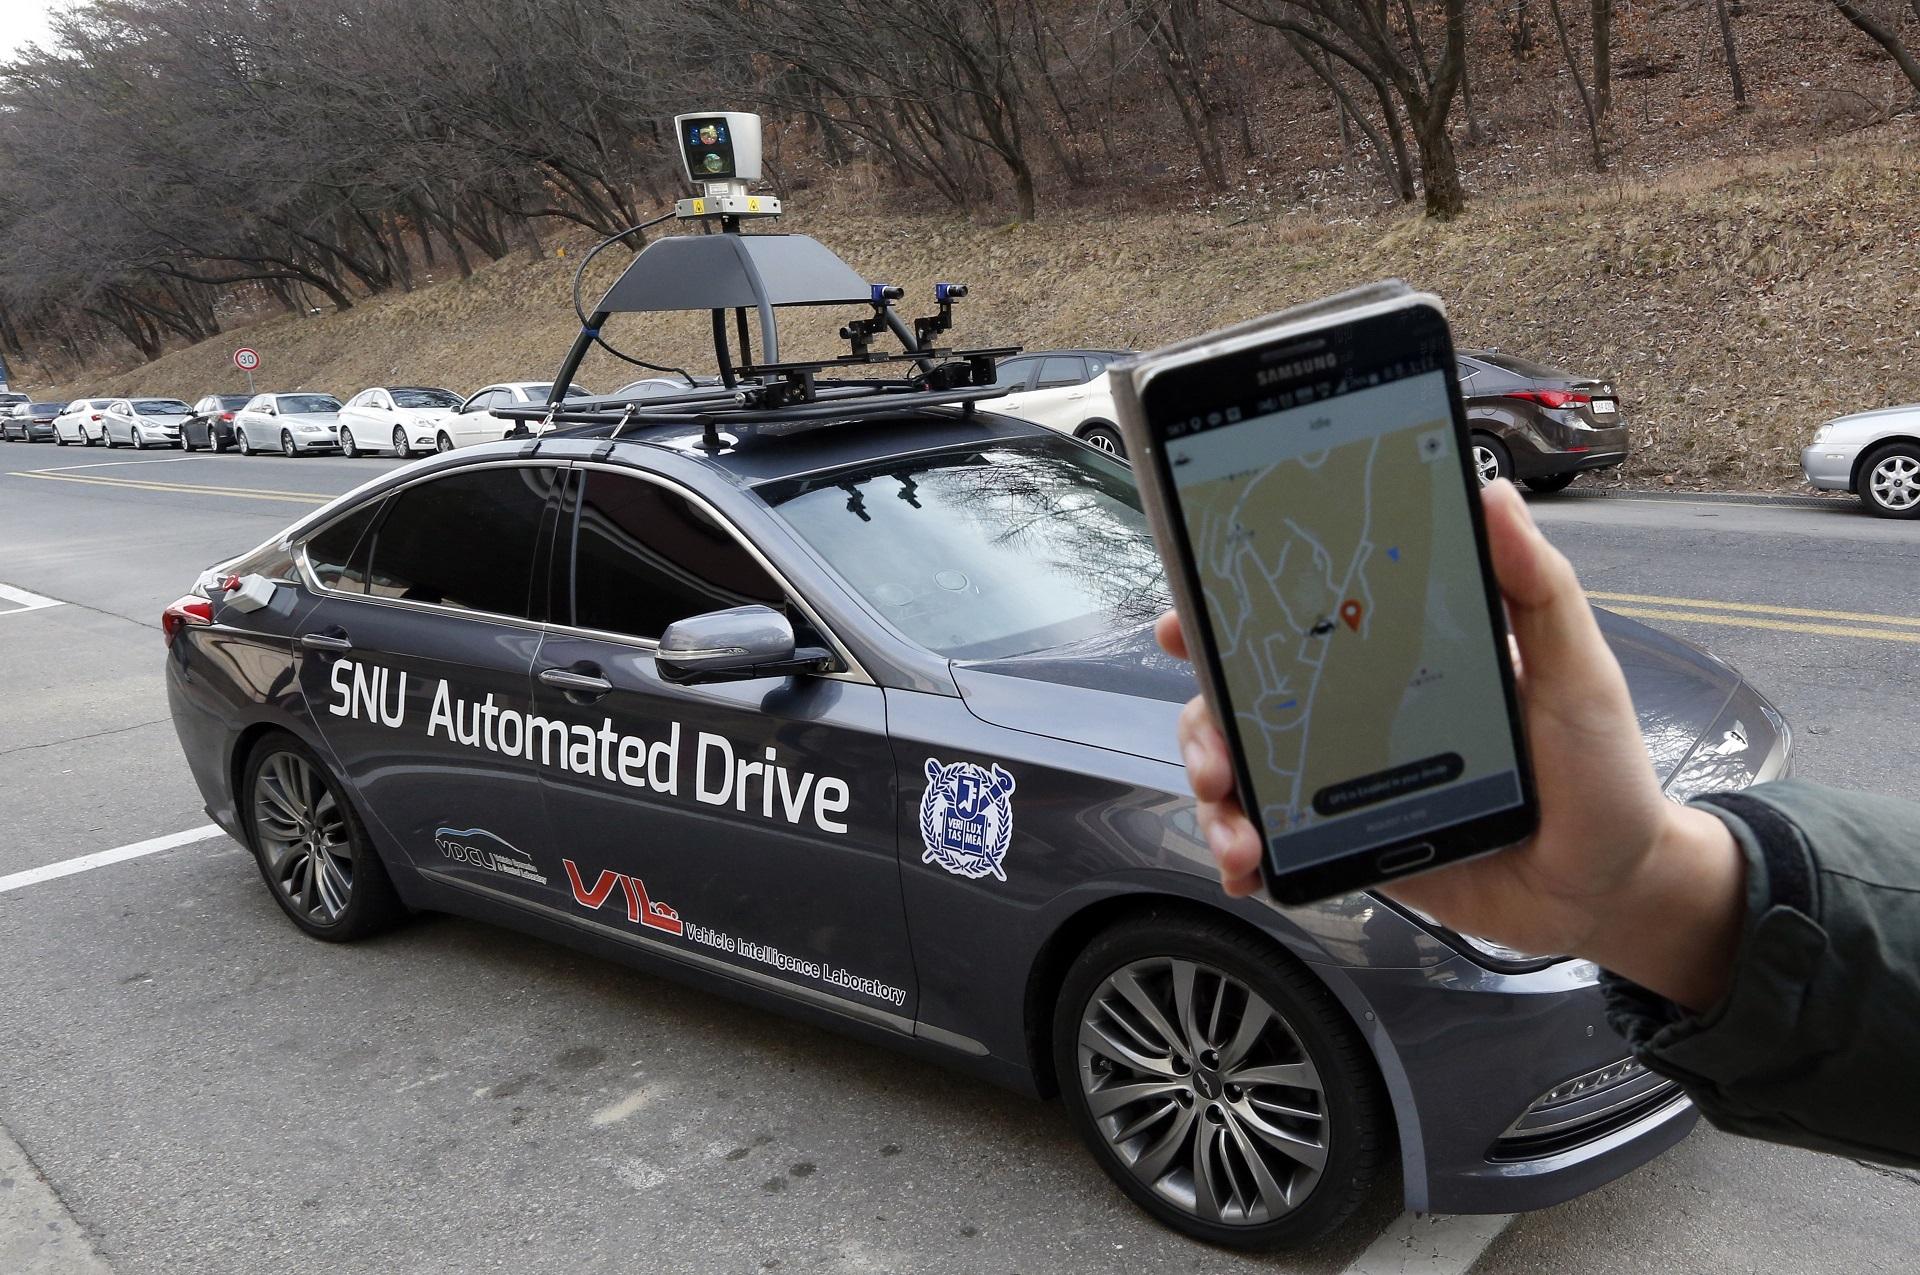 автомобильс автономным управлением, автономный автомобиль, беспилотное такси